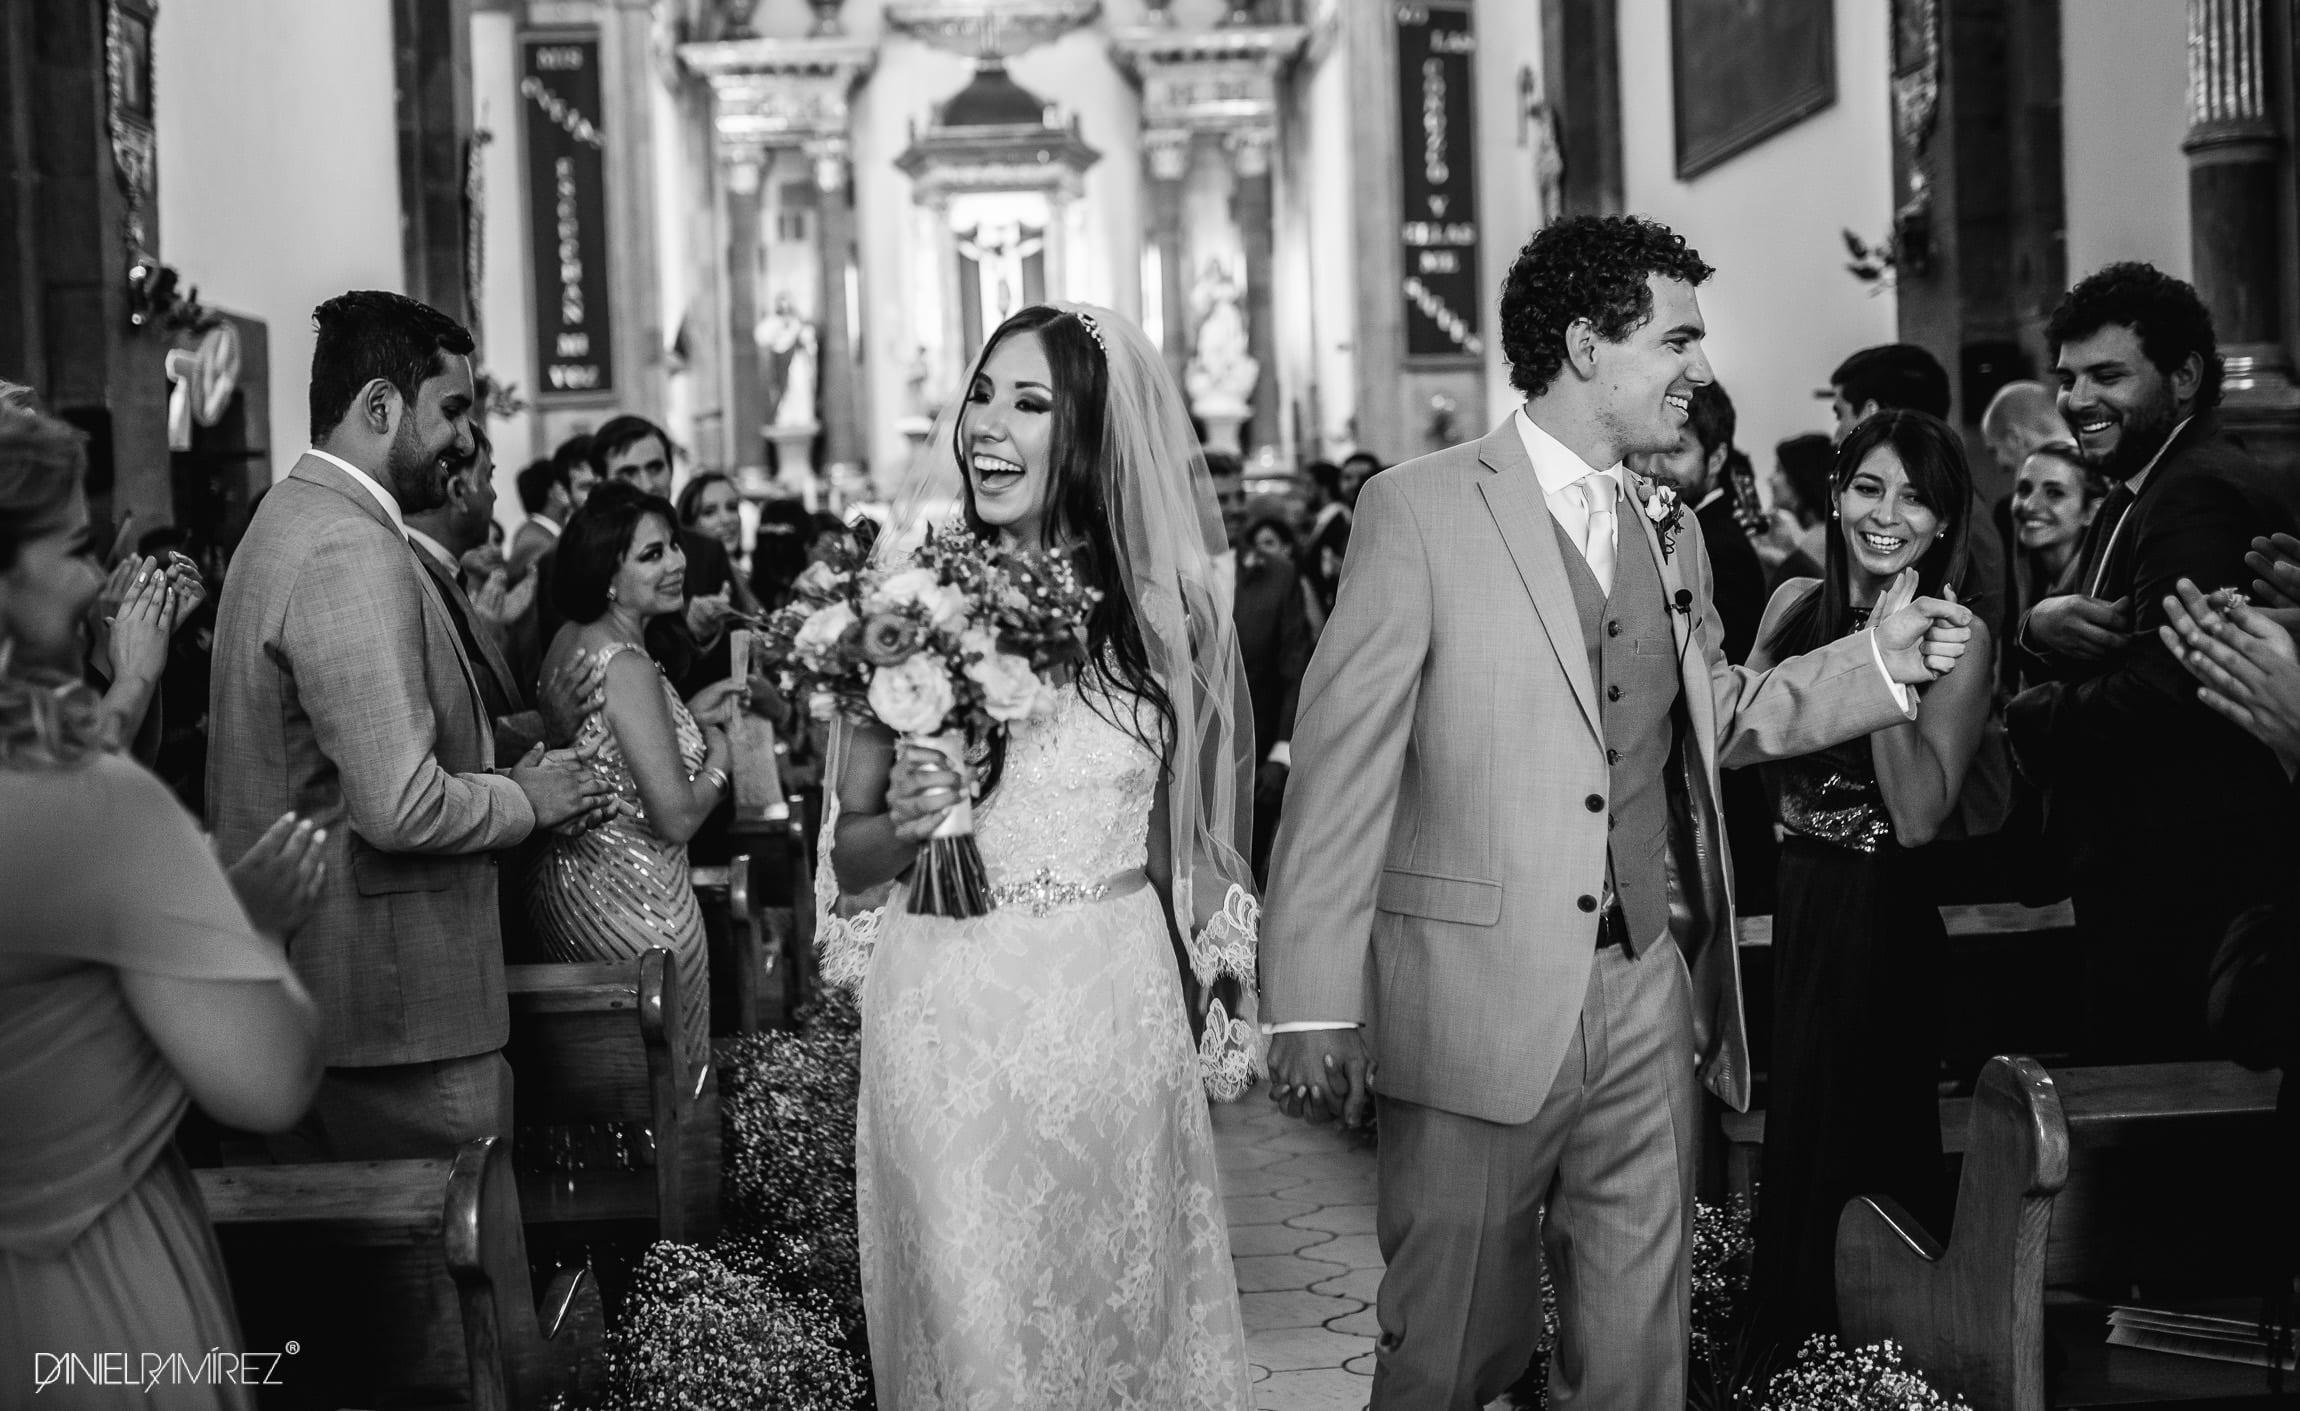 san miguel de allende weddings photography